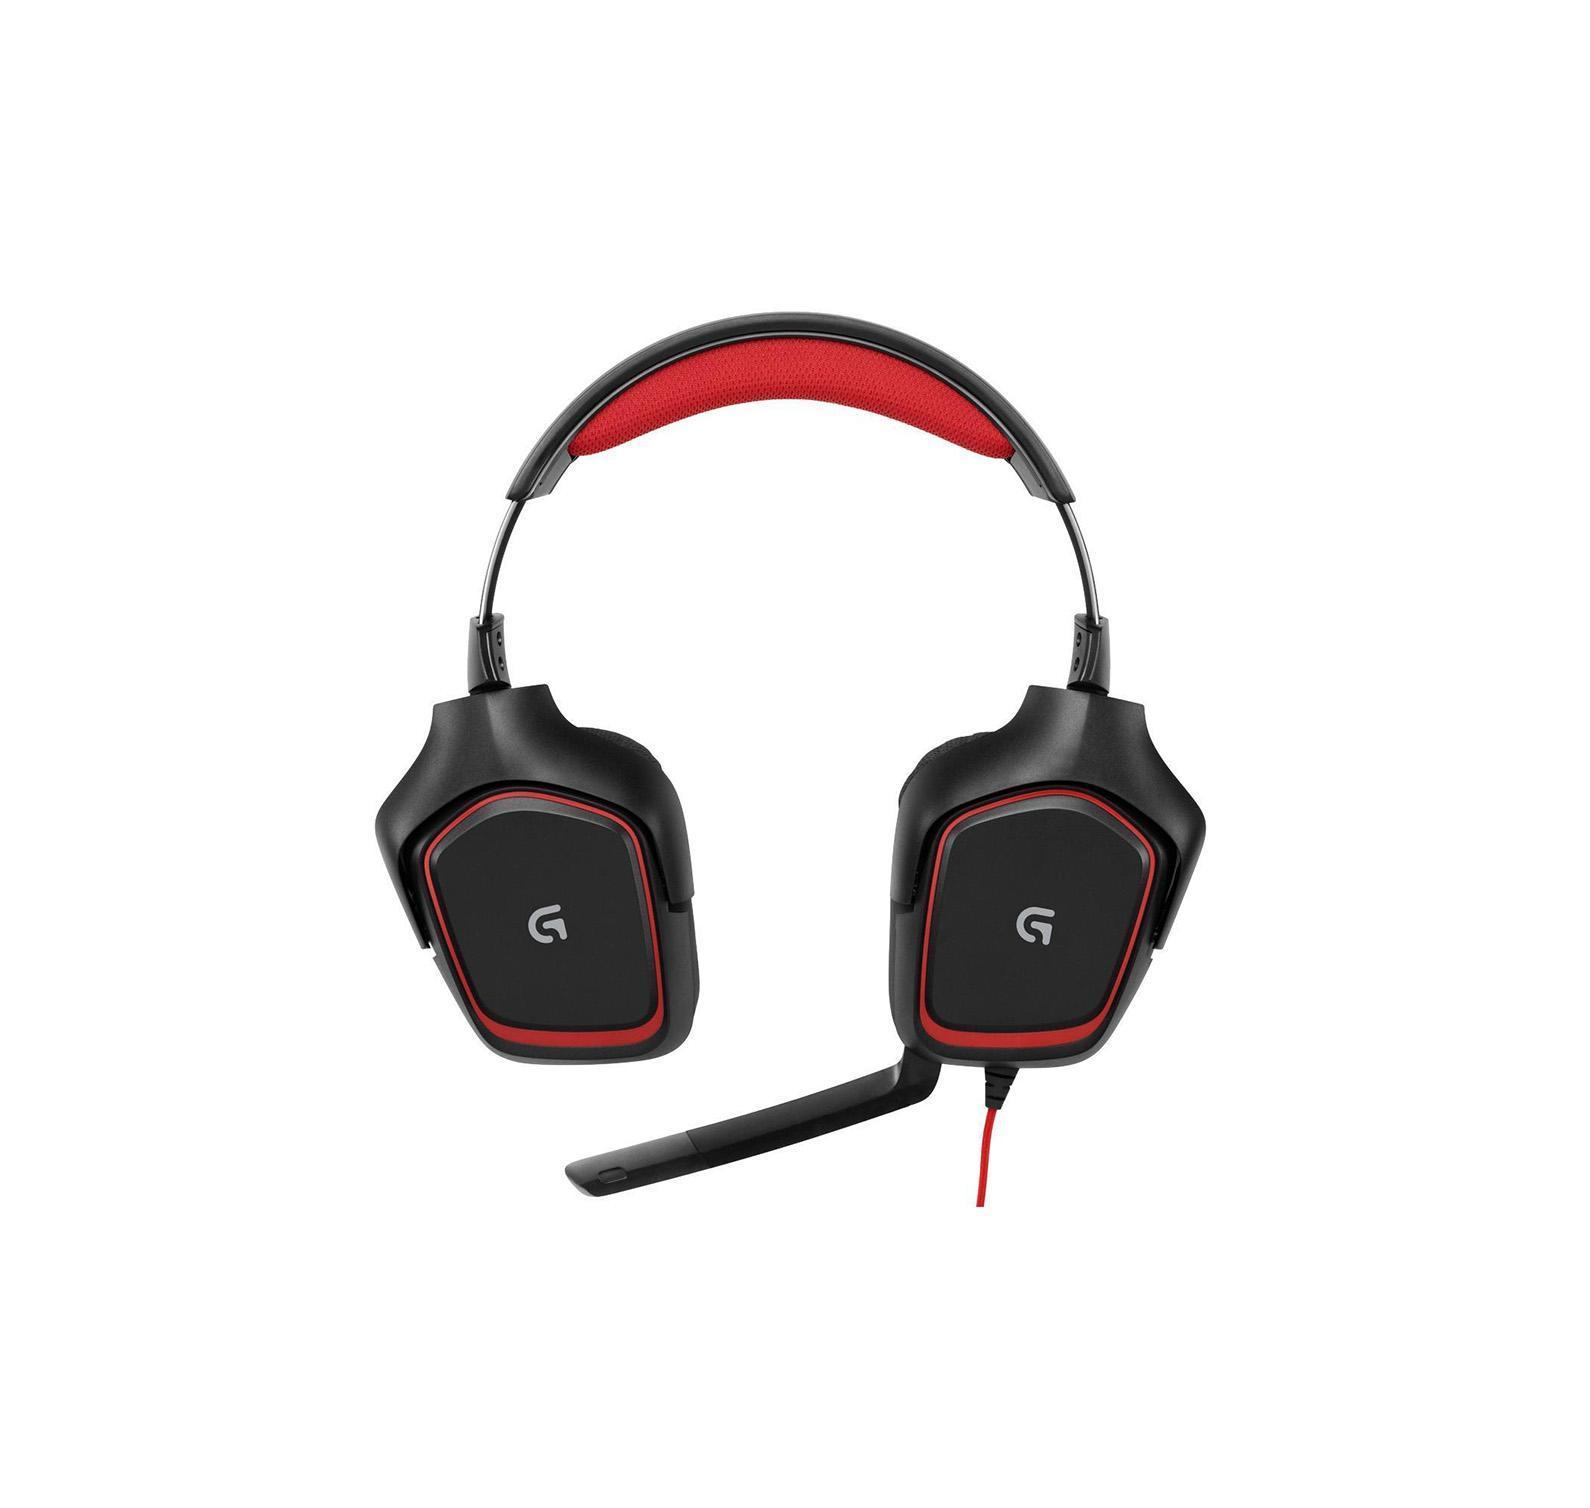 Logitech G230 Gaming Headset (981-000540) проводная игровая гарнитура981-000540Гарнитура Logitech G230 Stereo Gaming Headset с неодимовыми 40-мм динамиками обеспечивает качественный звук и полностью погружает в игру независимо от жанра. Складной микрофон с системой шумоподавления распознаёт голос геймера и отсекает лишние звуки, а пульт управления аудио и кнопка отключения микрофона удобно расположены на кабеле. Стереозвук игрового качестваВ играх важна не только графика. Звук дополняет изображение. За счет 40-миллиметровых неодимовых диффузоров гарнитура G230 обеспечивает высококачественный стереозвук, позволяющий полностью погрузиться в игру от начала до конца. Падение булавки, взрыв бомбы - услышьте все! Спортивные матерчатые амбушюрыДлительные игровые сеансы ассоциируются с жаром и потом. Амбушюры G230 покрыты тщательно подобранным спортивным материалом, чтобы обеспечить ощущение комфорта и мягкости даже при многочасовом использовании. При этом они легко снимаются для мытья, чтобы держать гарнитуру в отличной форме.Легкая конструкция Наушники разработаны тонкими и легкими, но без экономии на качестве звучания. Легкая сбалансированная конструкция позволяет сконцентрироваться на игре. Гарнитура настолько удобна, что вы можете даже забыть, что надели ее.Складывающийся микрофон с шумоподавлением Когда вы захотите, чтобы вас услышали, вас обязательно услышат - громко и четко. Шумоподавляющий микрофон на гарнитуре G230 можно расположить так, чтобы он захватывал исключительно ваш голос. Не хотите разговаривать? Просто сложите его, и пусть он не мешает. Иногда молчание - выигрышный ход! Пульт управления на кабелеЧтобы быстро и точно регулировать звук, держите выключатель звука и регулятор громкости под рукой - все это присоединено к сверхдлинному, 2,3-метровому кабелю. Мягко прилегающие наушникиДля подбора индивидуальной формы наушники поворачиваются на угол до 90 градусов. А поскольку их можно повернуть так, чтобы они идеально прилегали к голове, наушники реже ломаются